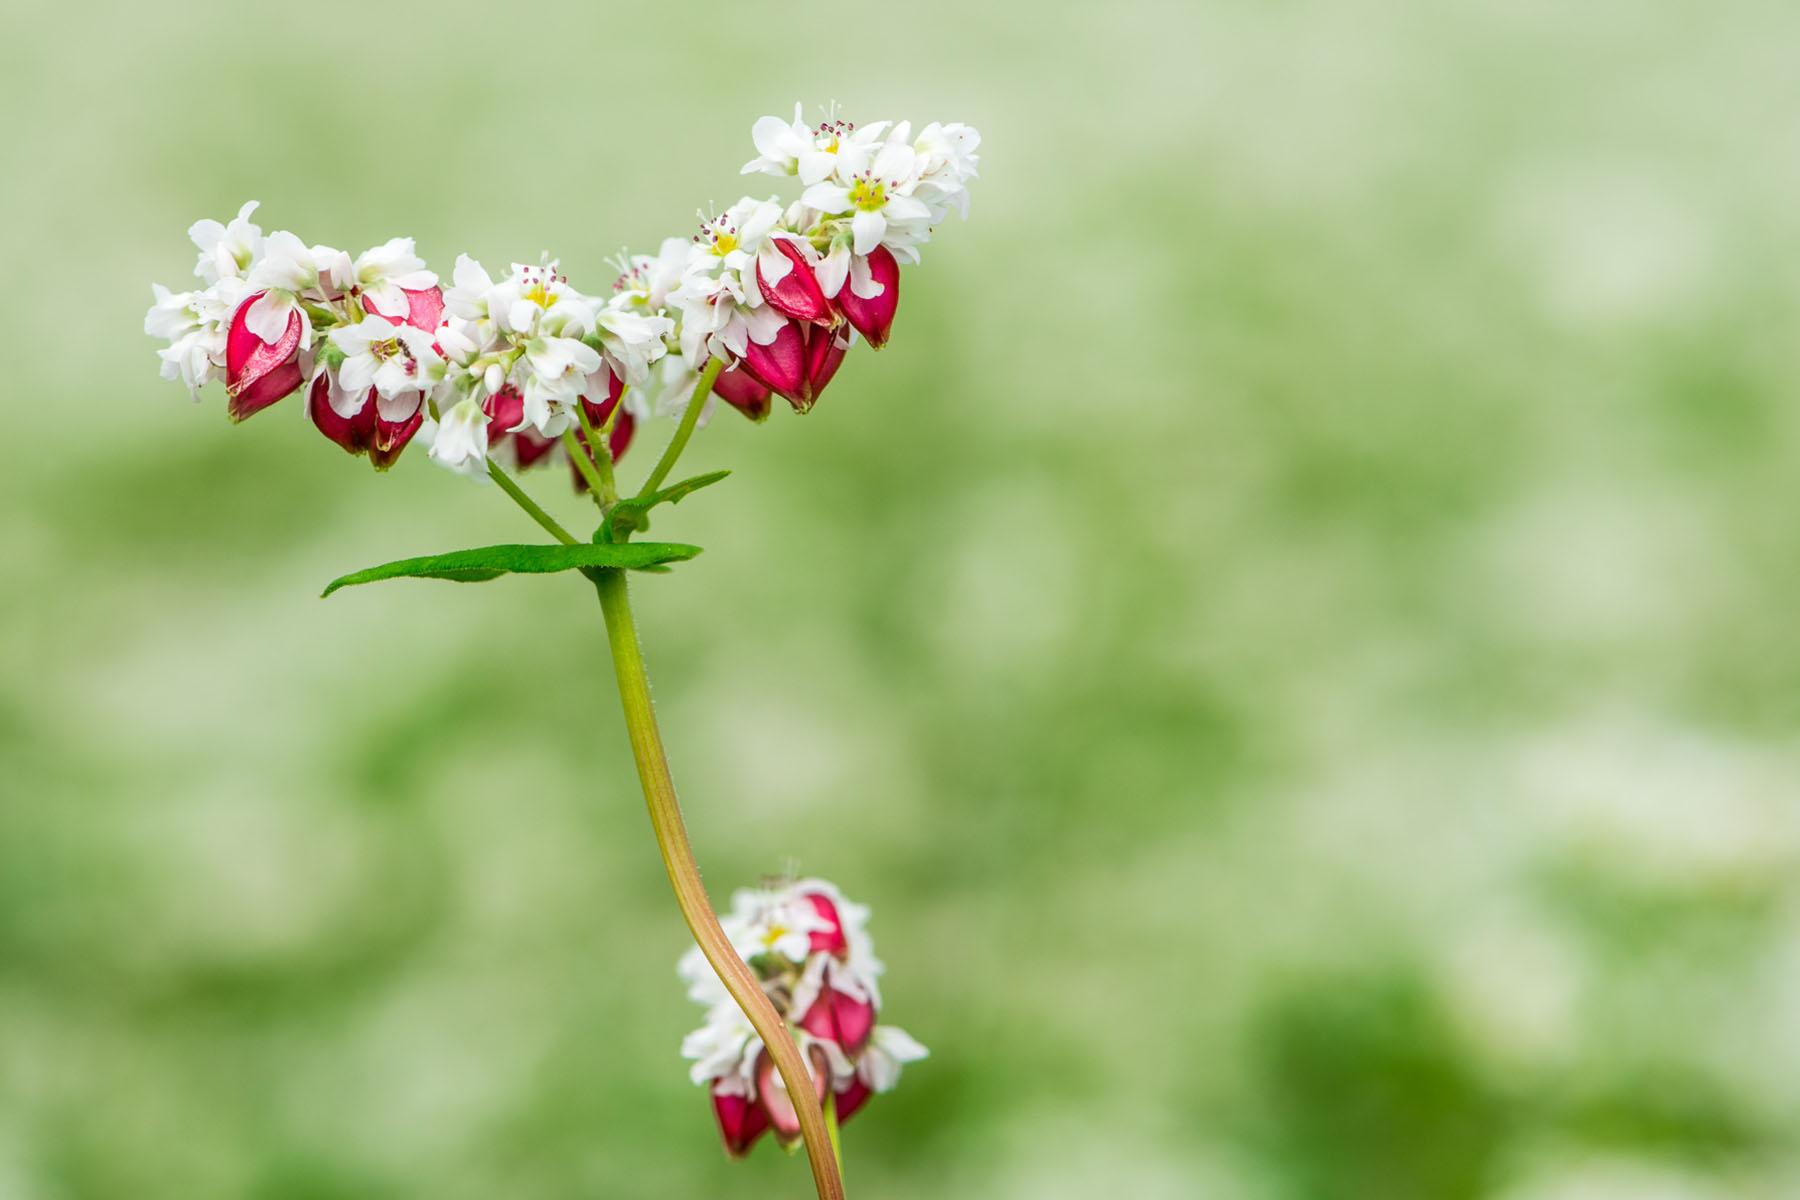 ちちぶ荒川秋そばの花見まつり ちちぶ花見の里